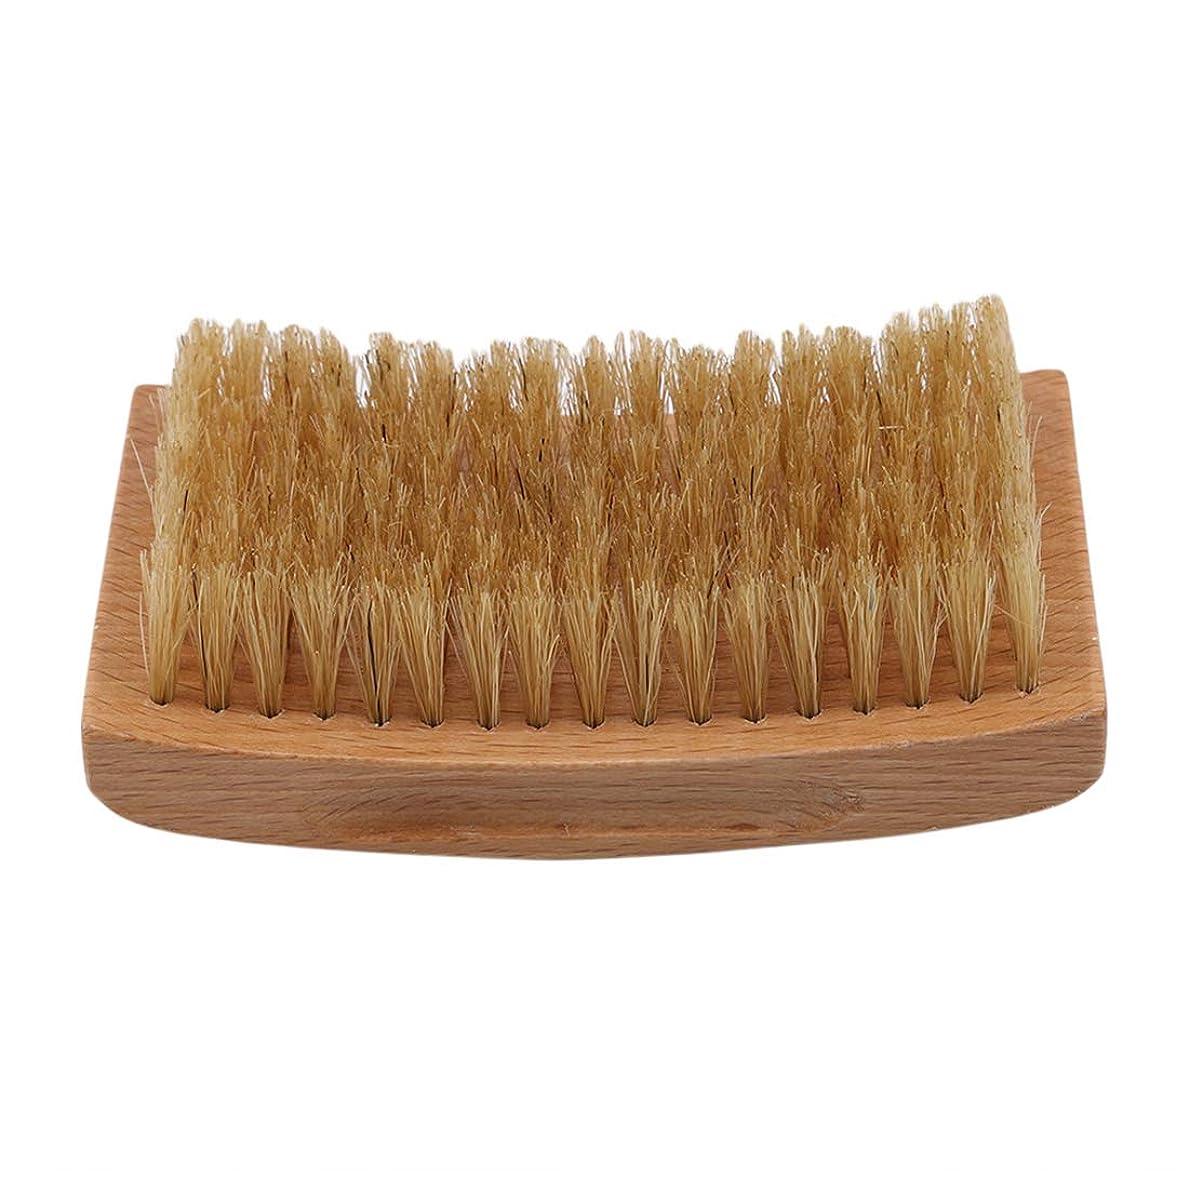 ブランクつばシチリアKLUMA ひげブラシ シェービングブラシ 理容 洗顔 髭剃り 泡立ち 洗顔ブラシ 1#